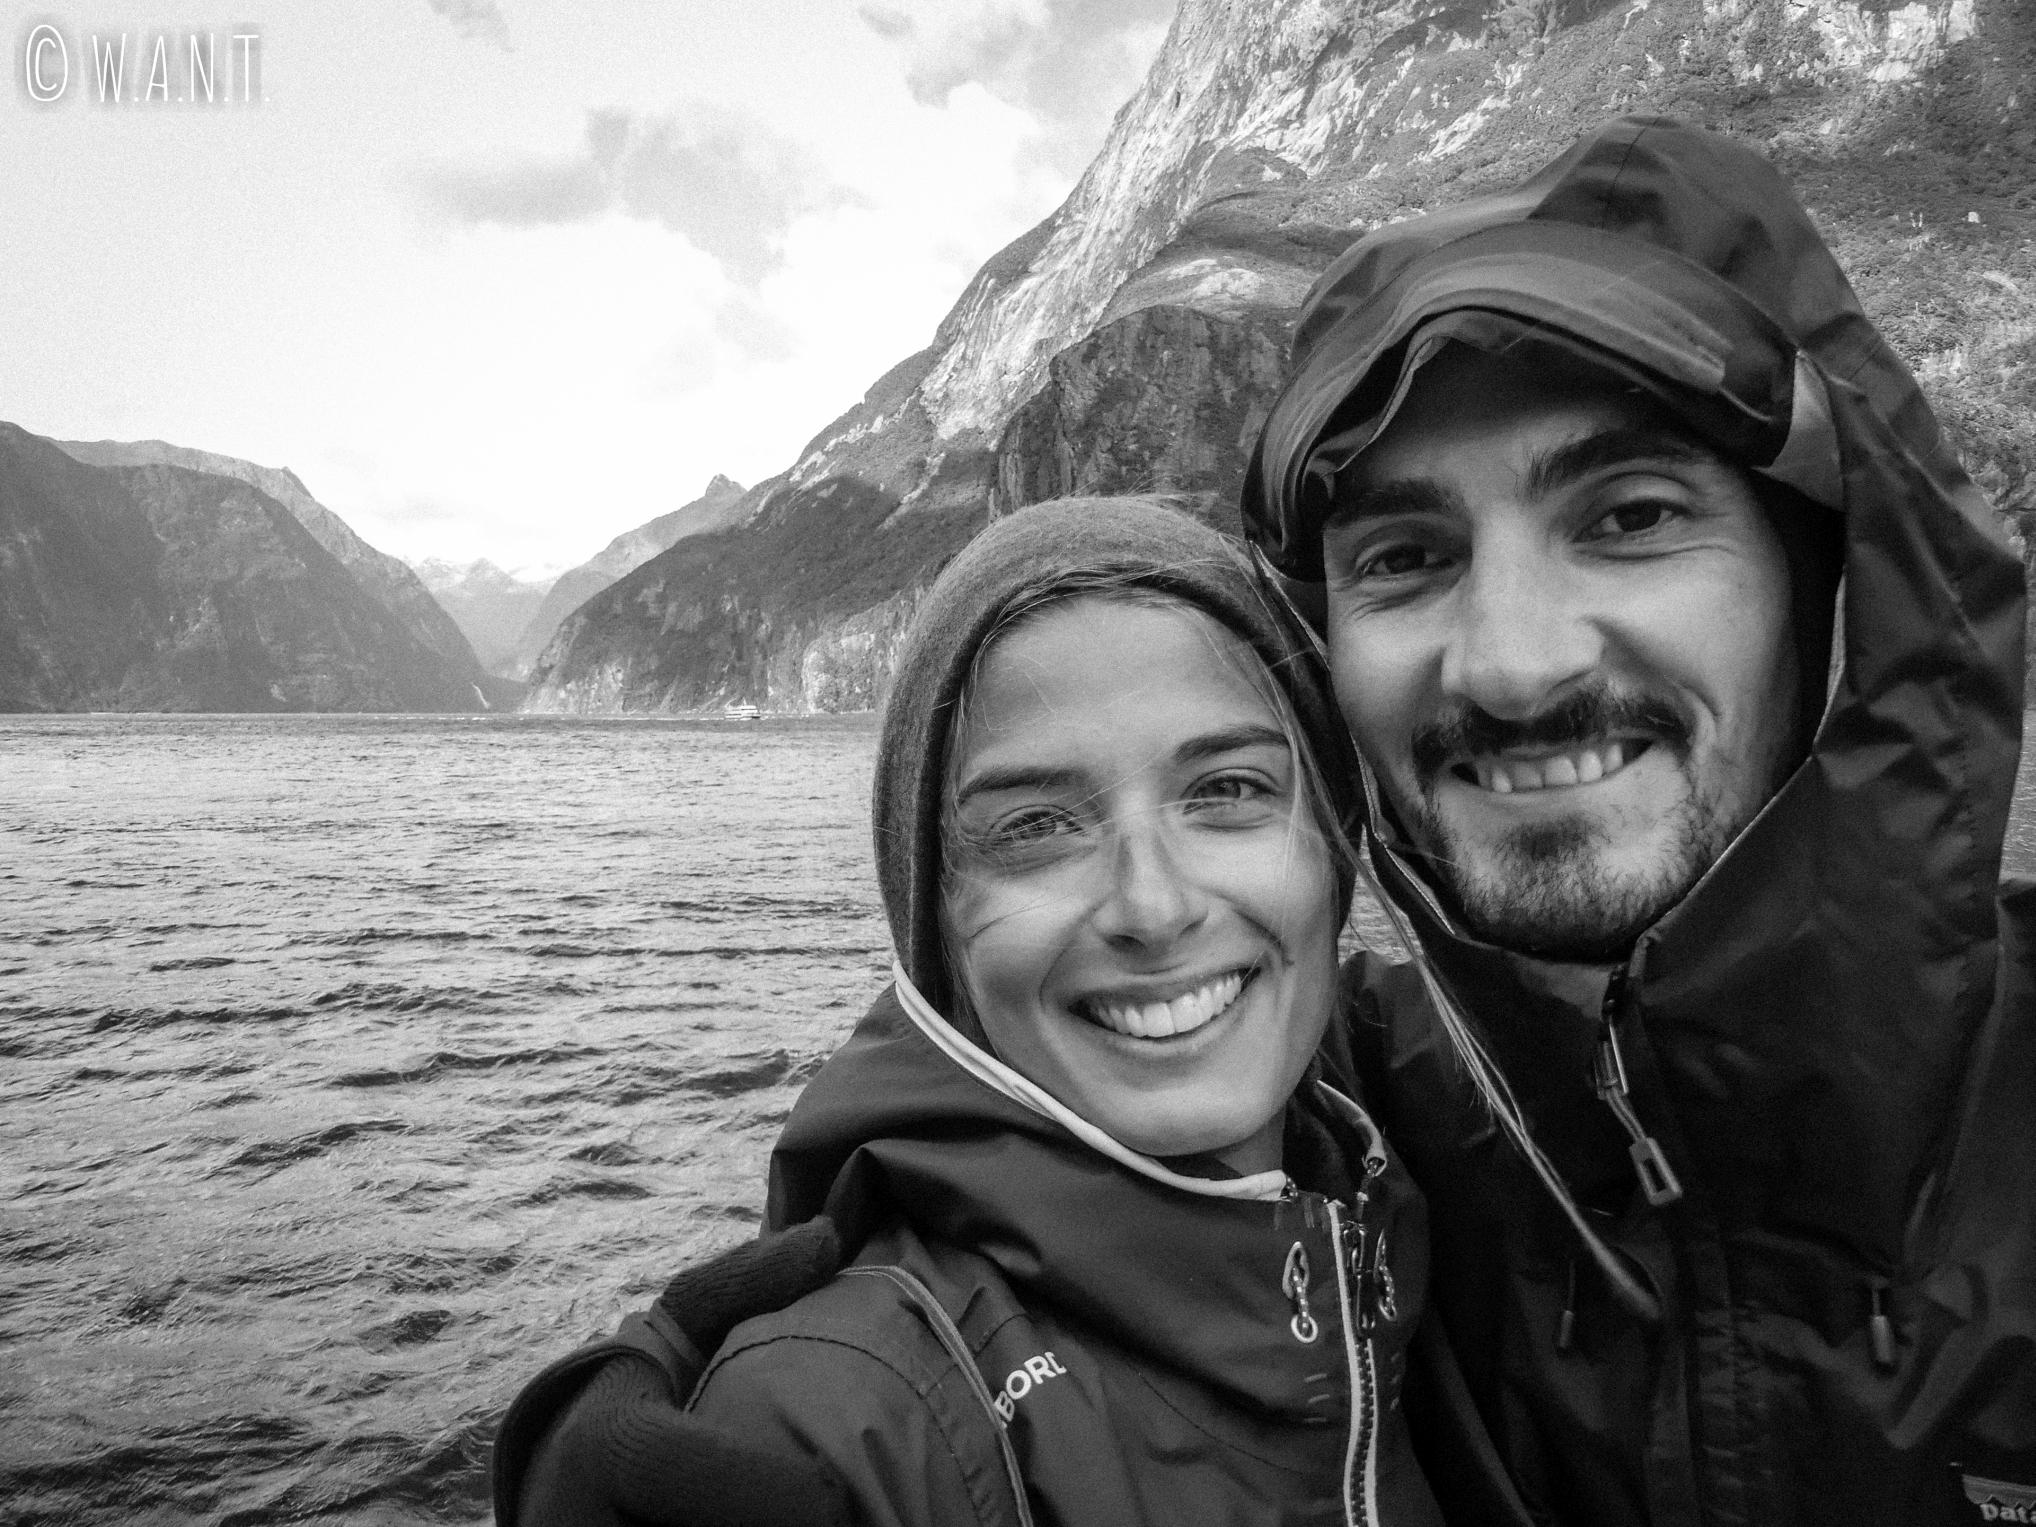 Selfie durant notre croisière sur le Milford Sound en Nouvelle-Zélande